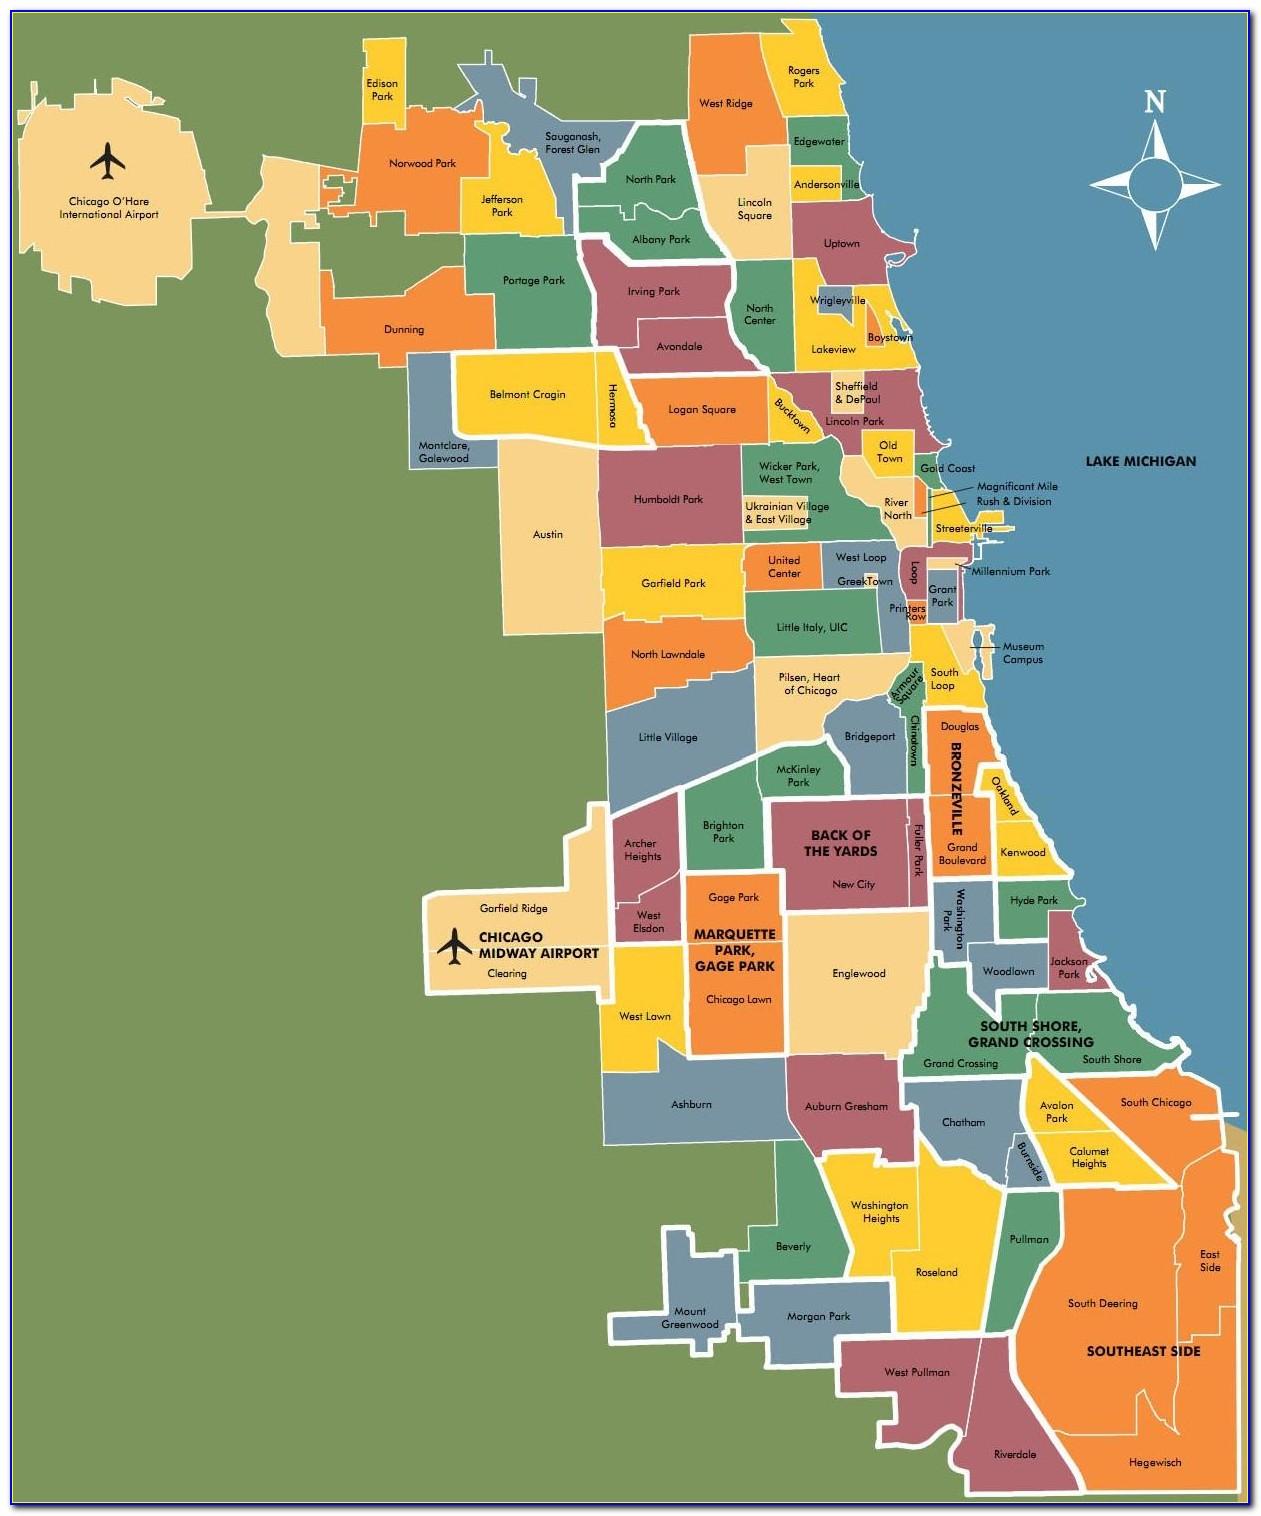 Map Of Chicago Neighborhoods 2018